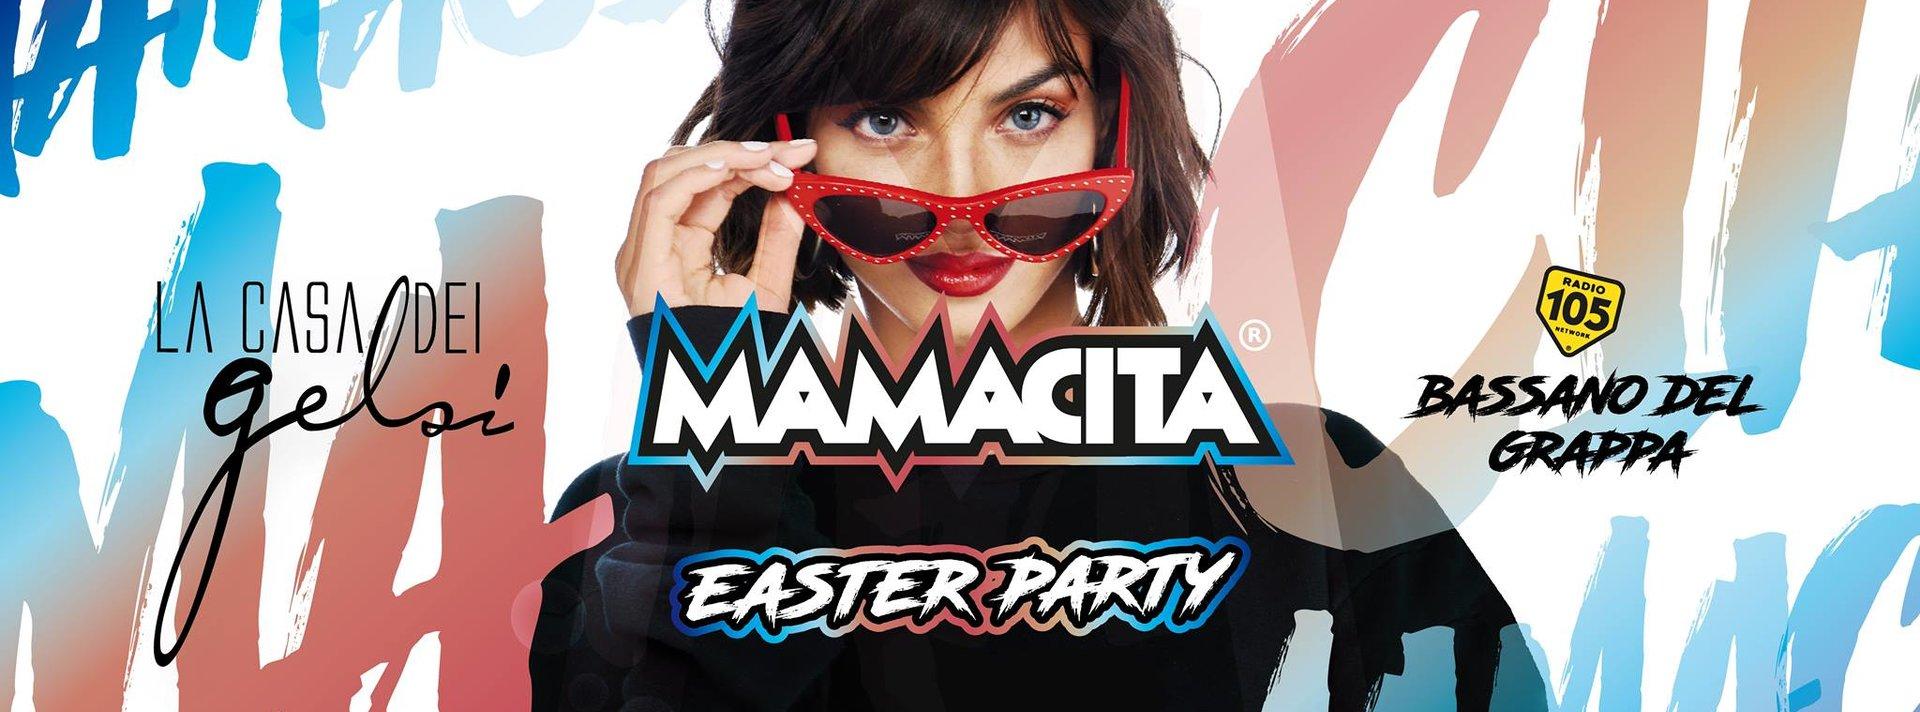 Pasqua mamacita 2019